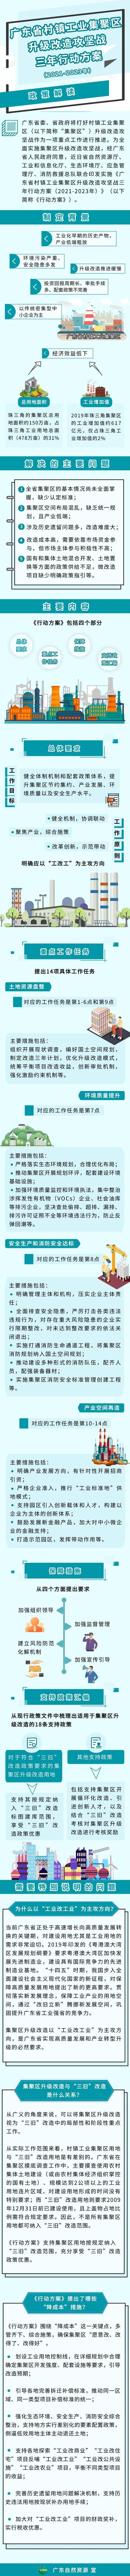 激励龙头企业公司建成投产工业生产商务大厦和高工业园厂房